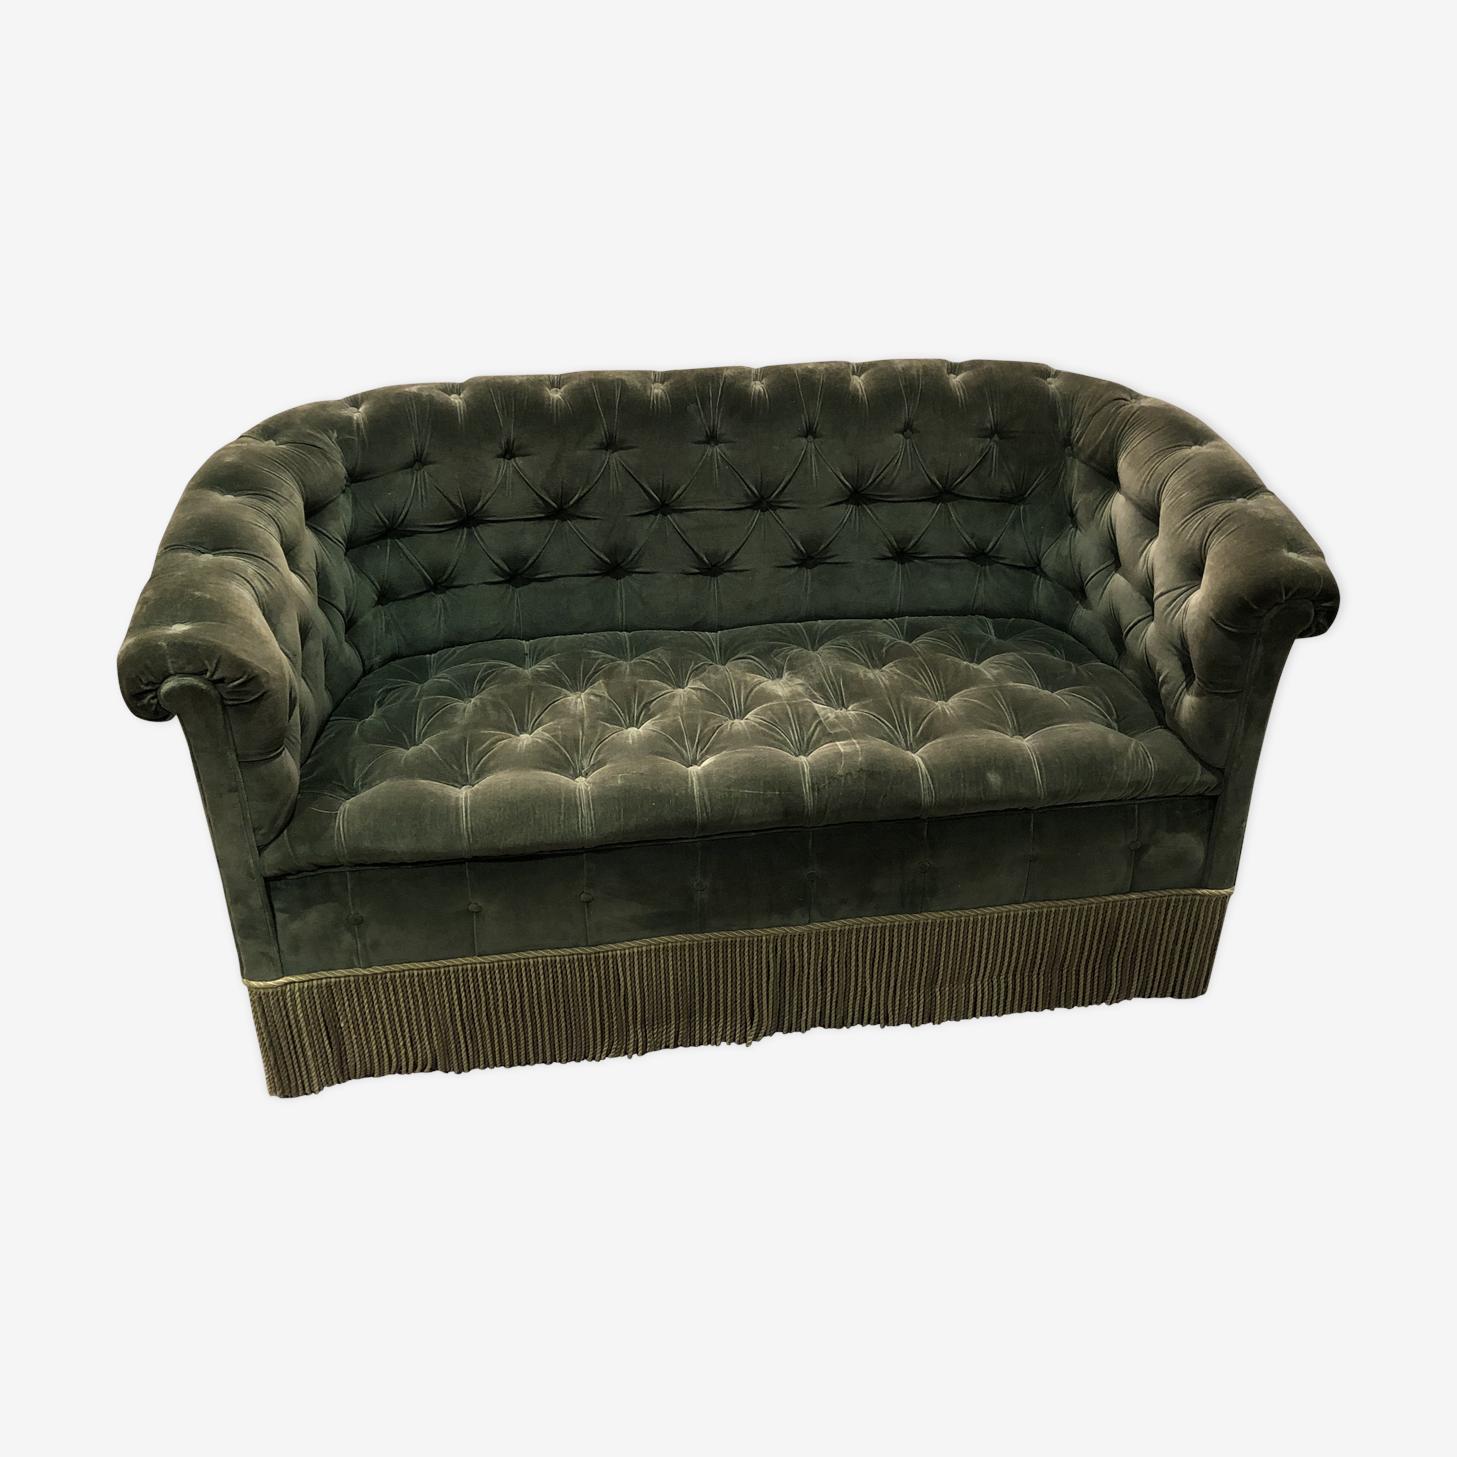 Sofa 1930